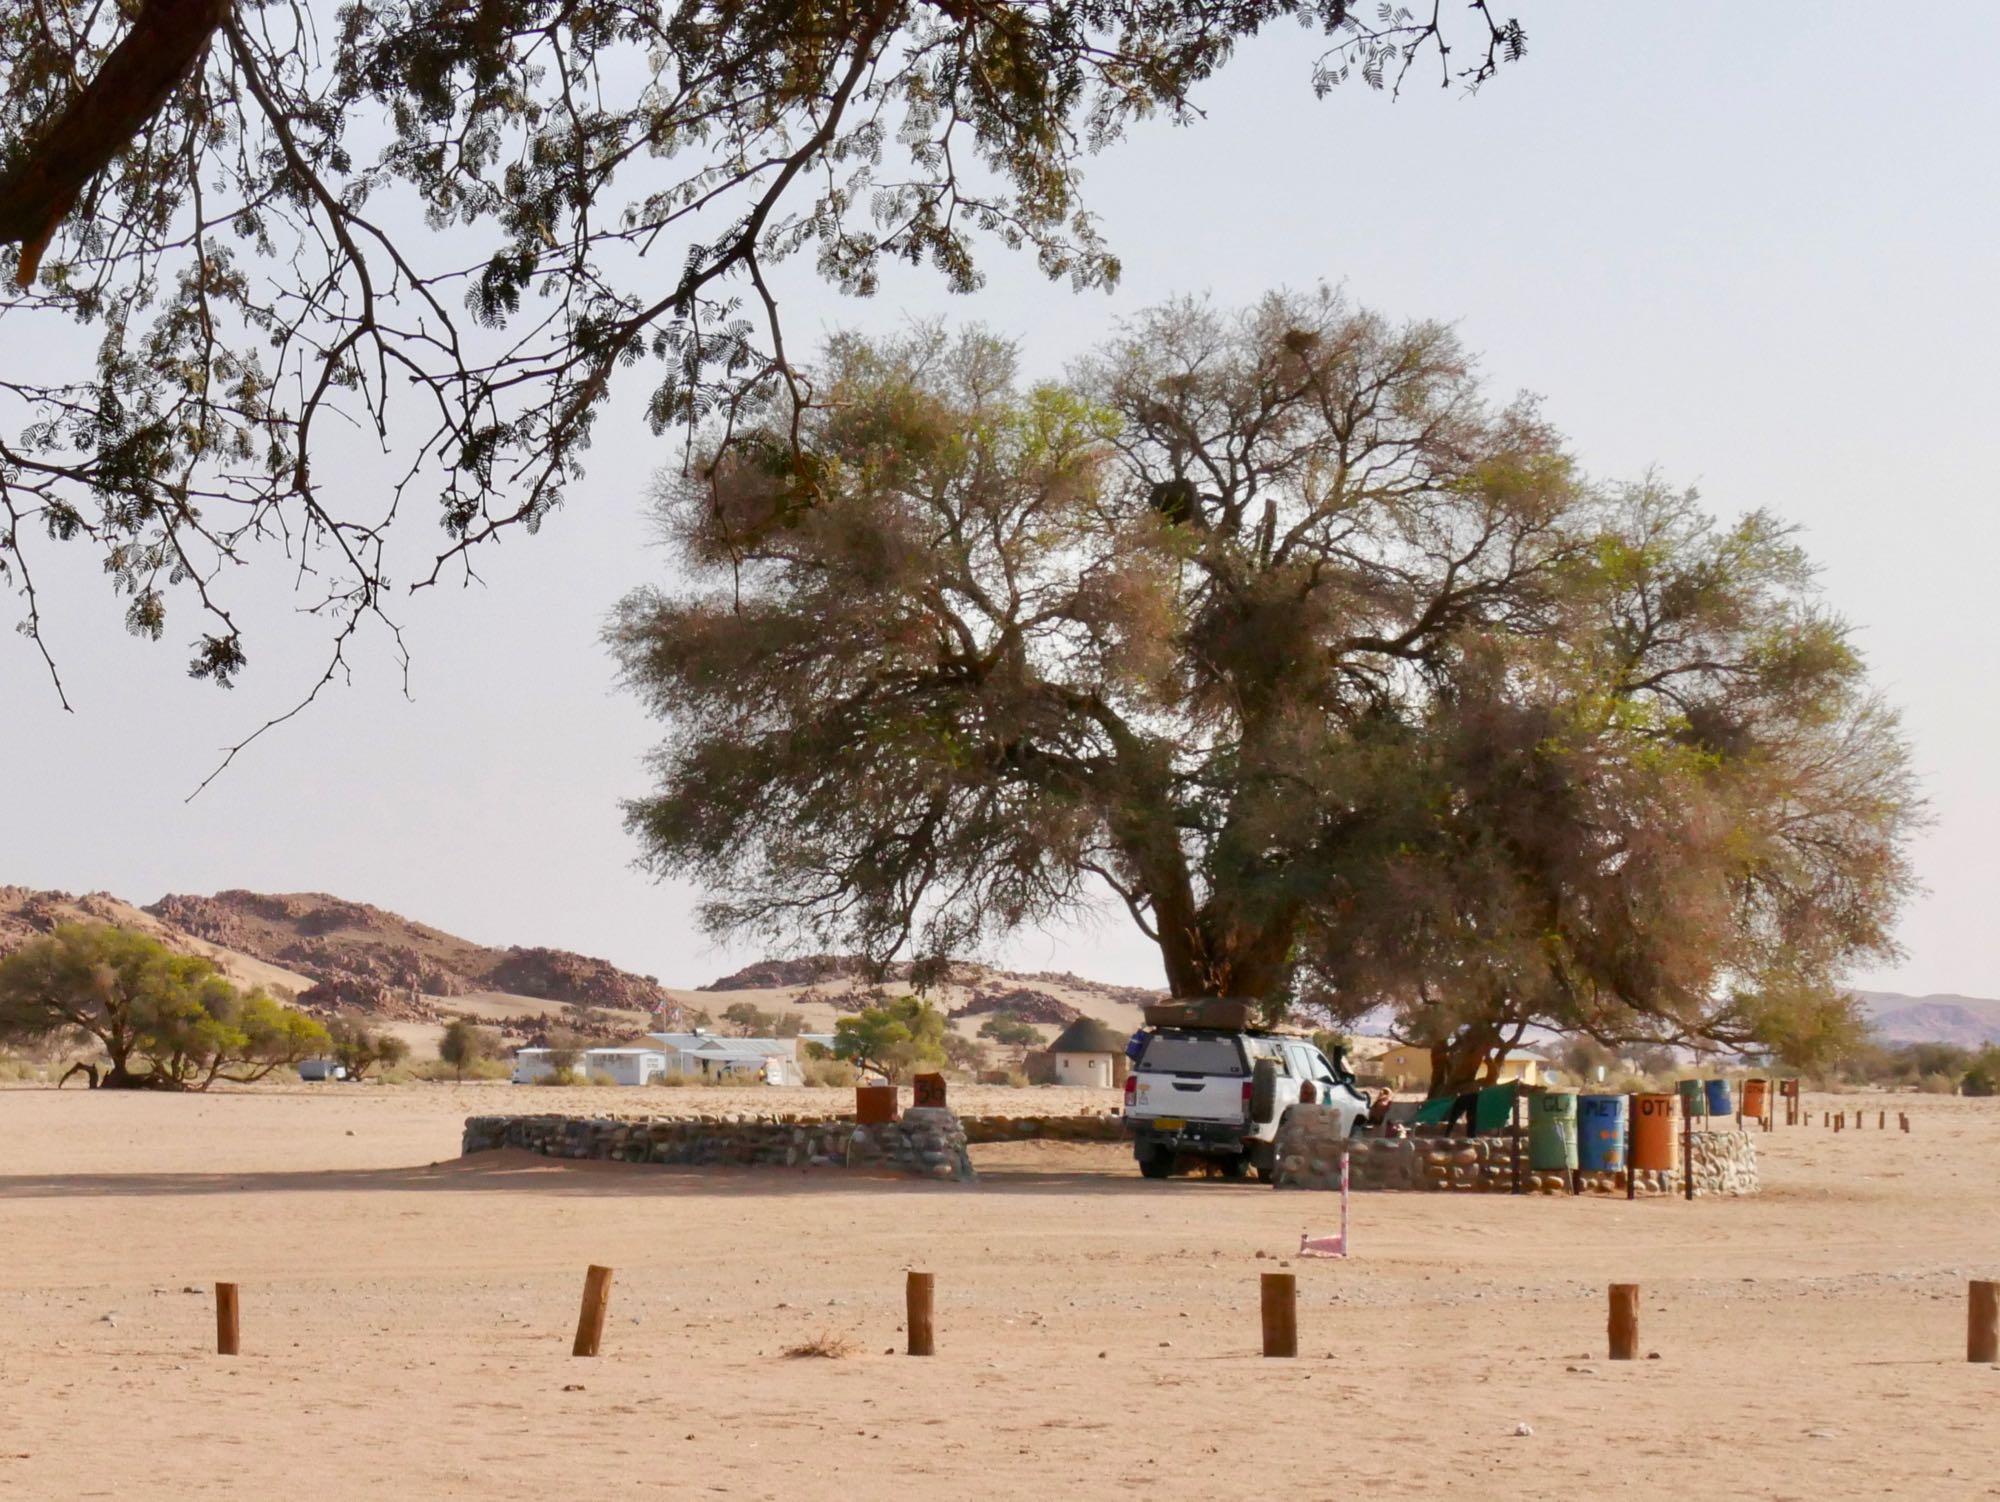 Un emplacement de camping à Sesriem